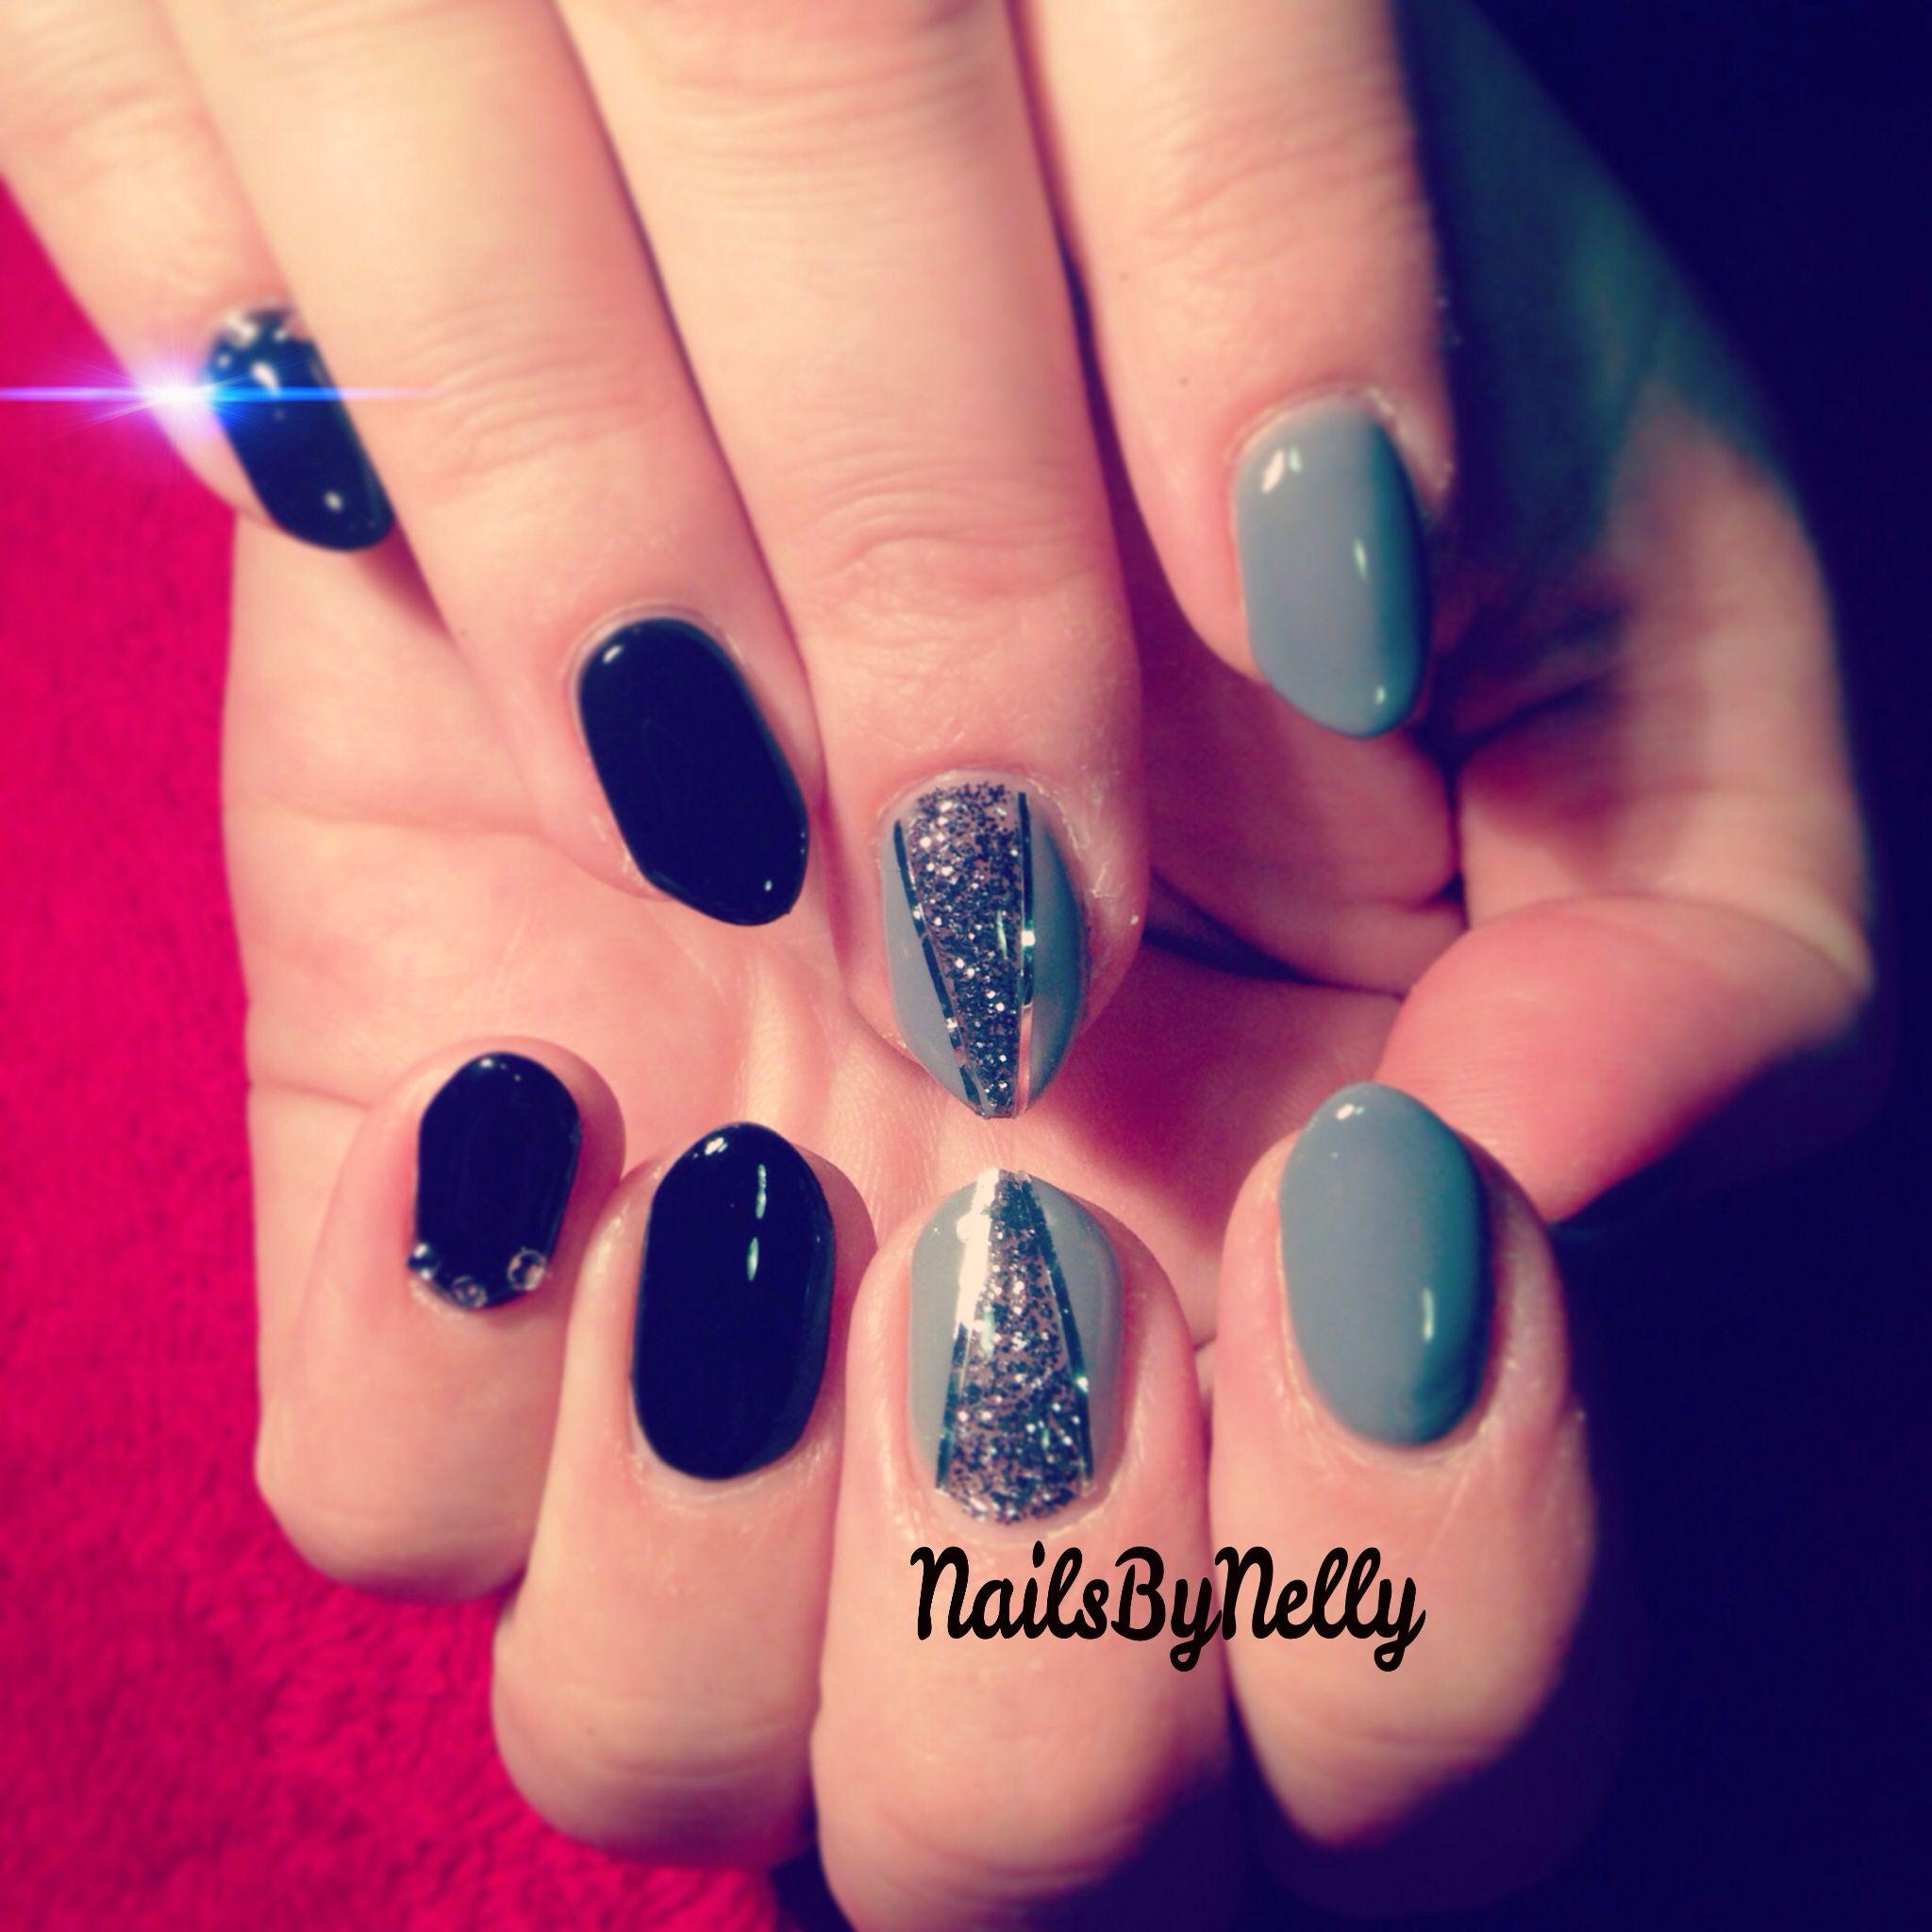 Cal Gel Nail: Calgel Nail Art #nailsbynelly